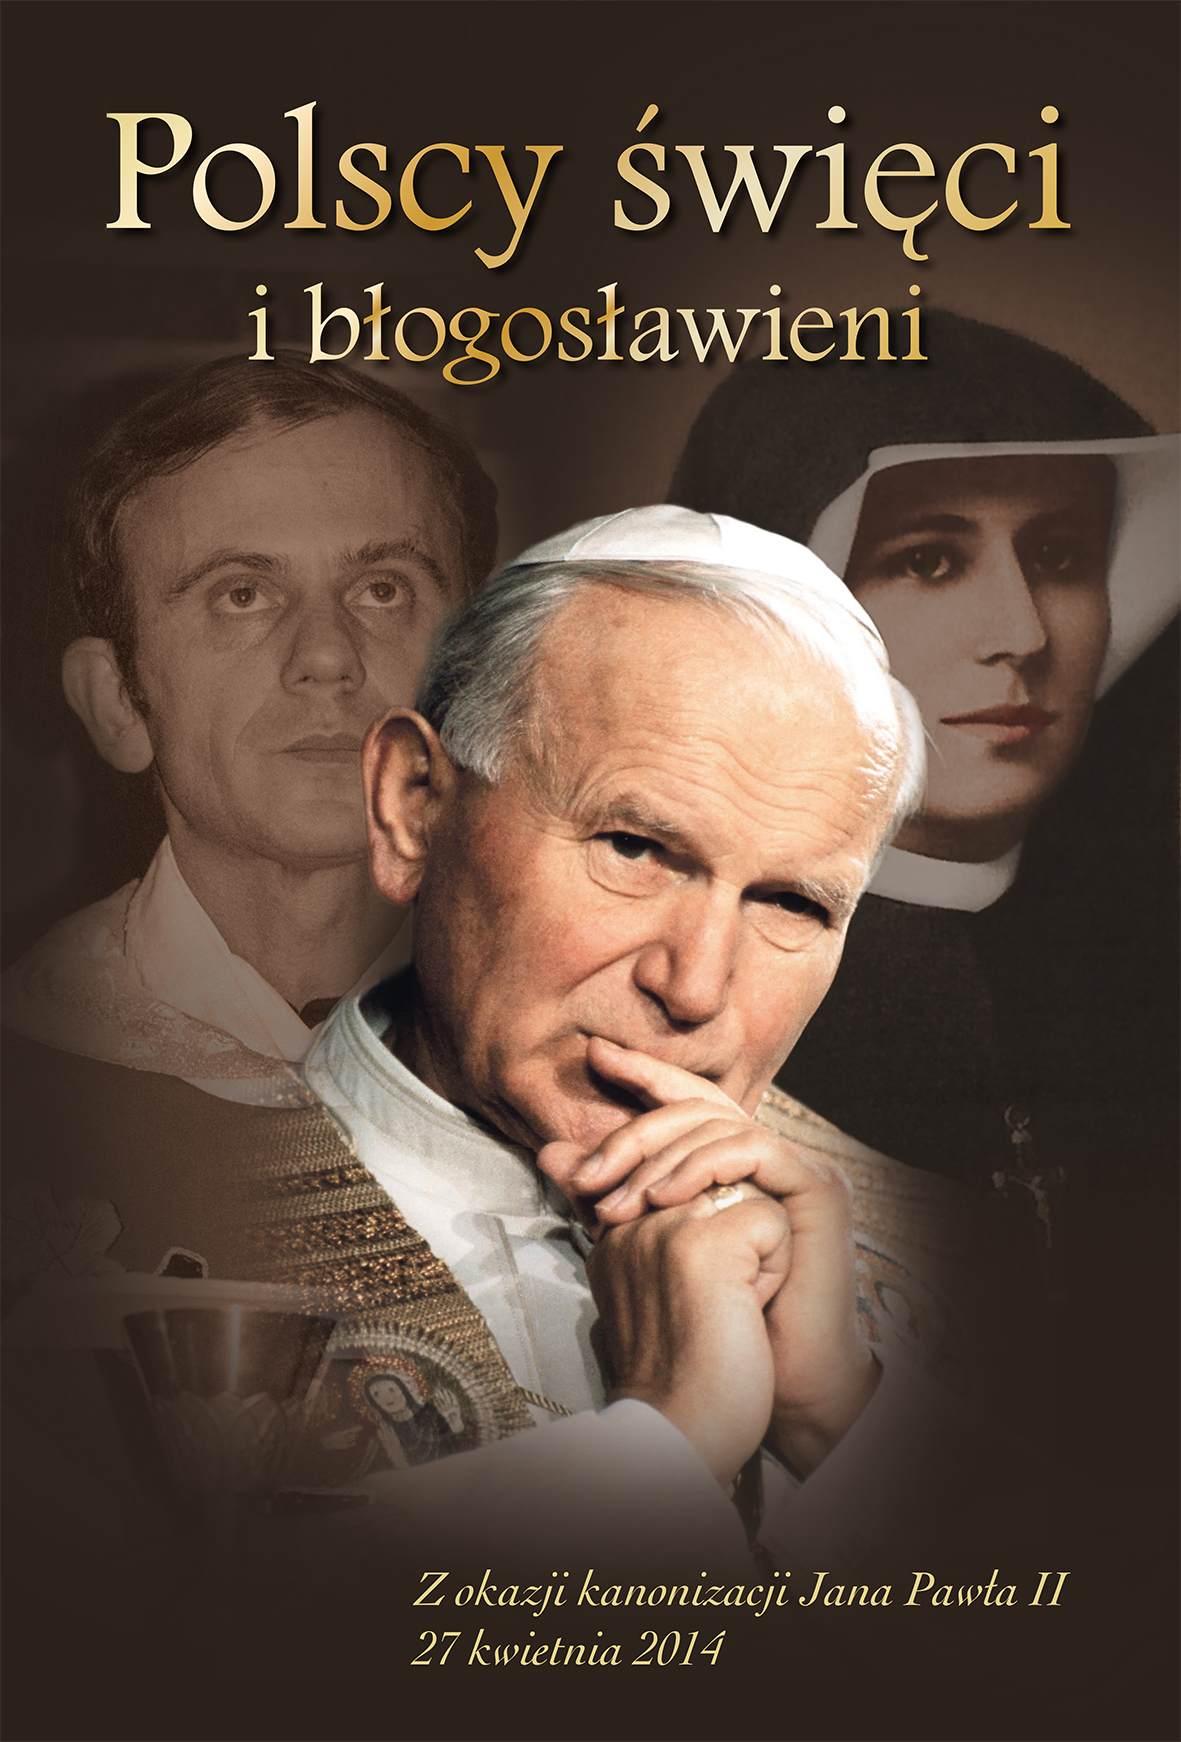 Polscy święci i błogosławieni - Ebook (Książka EPUB) do pobrania w formacie EPUB